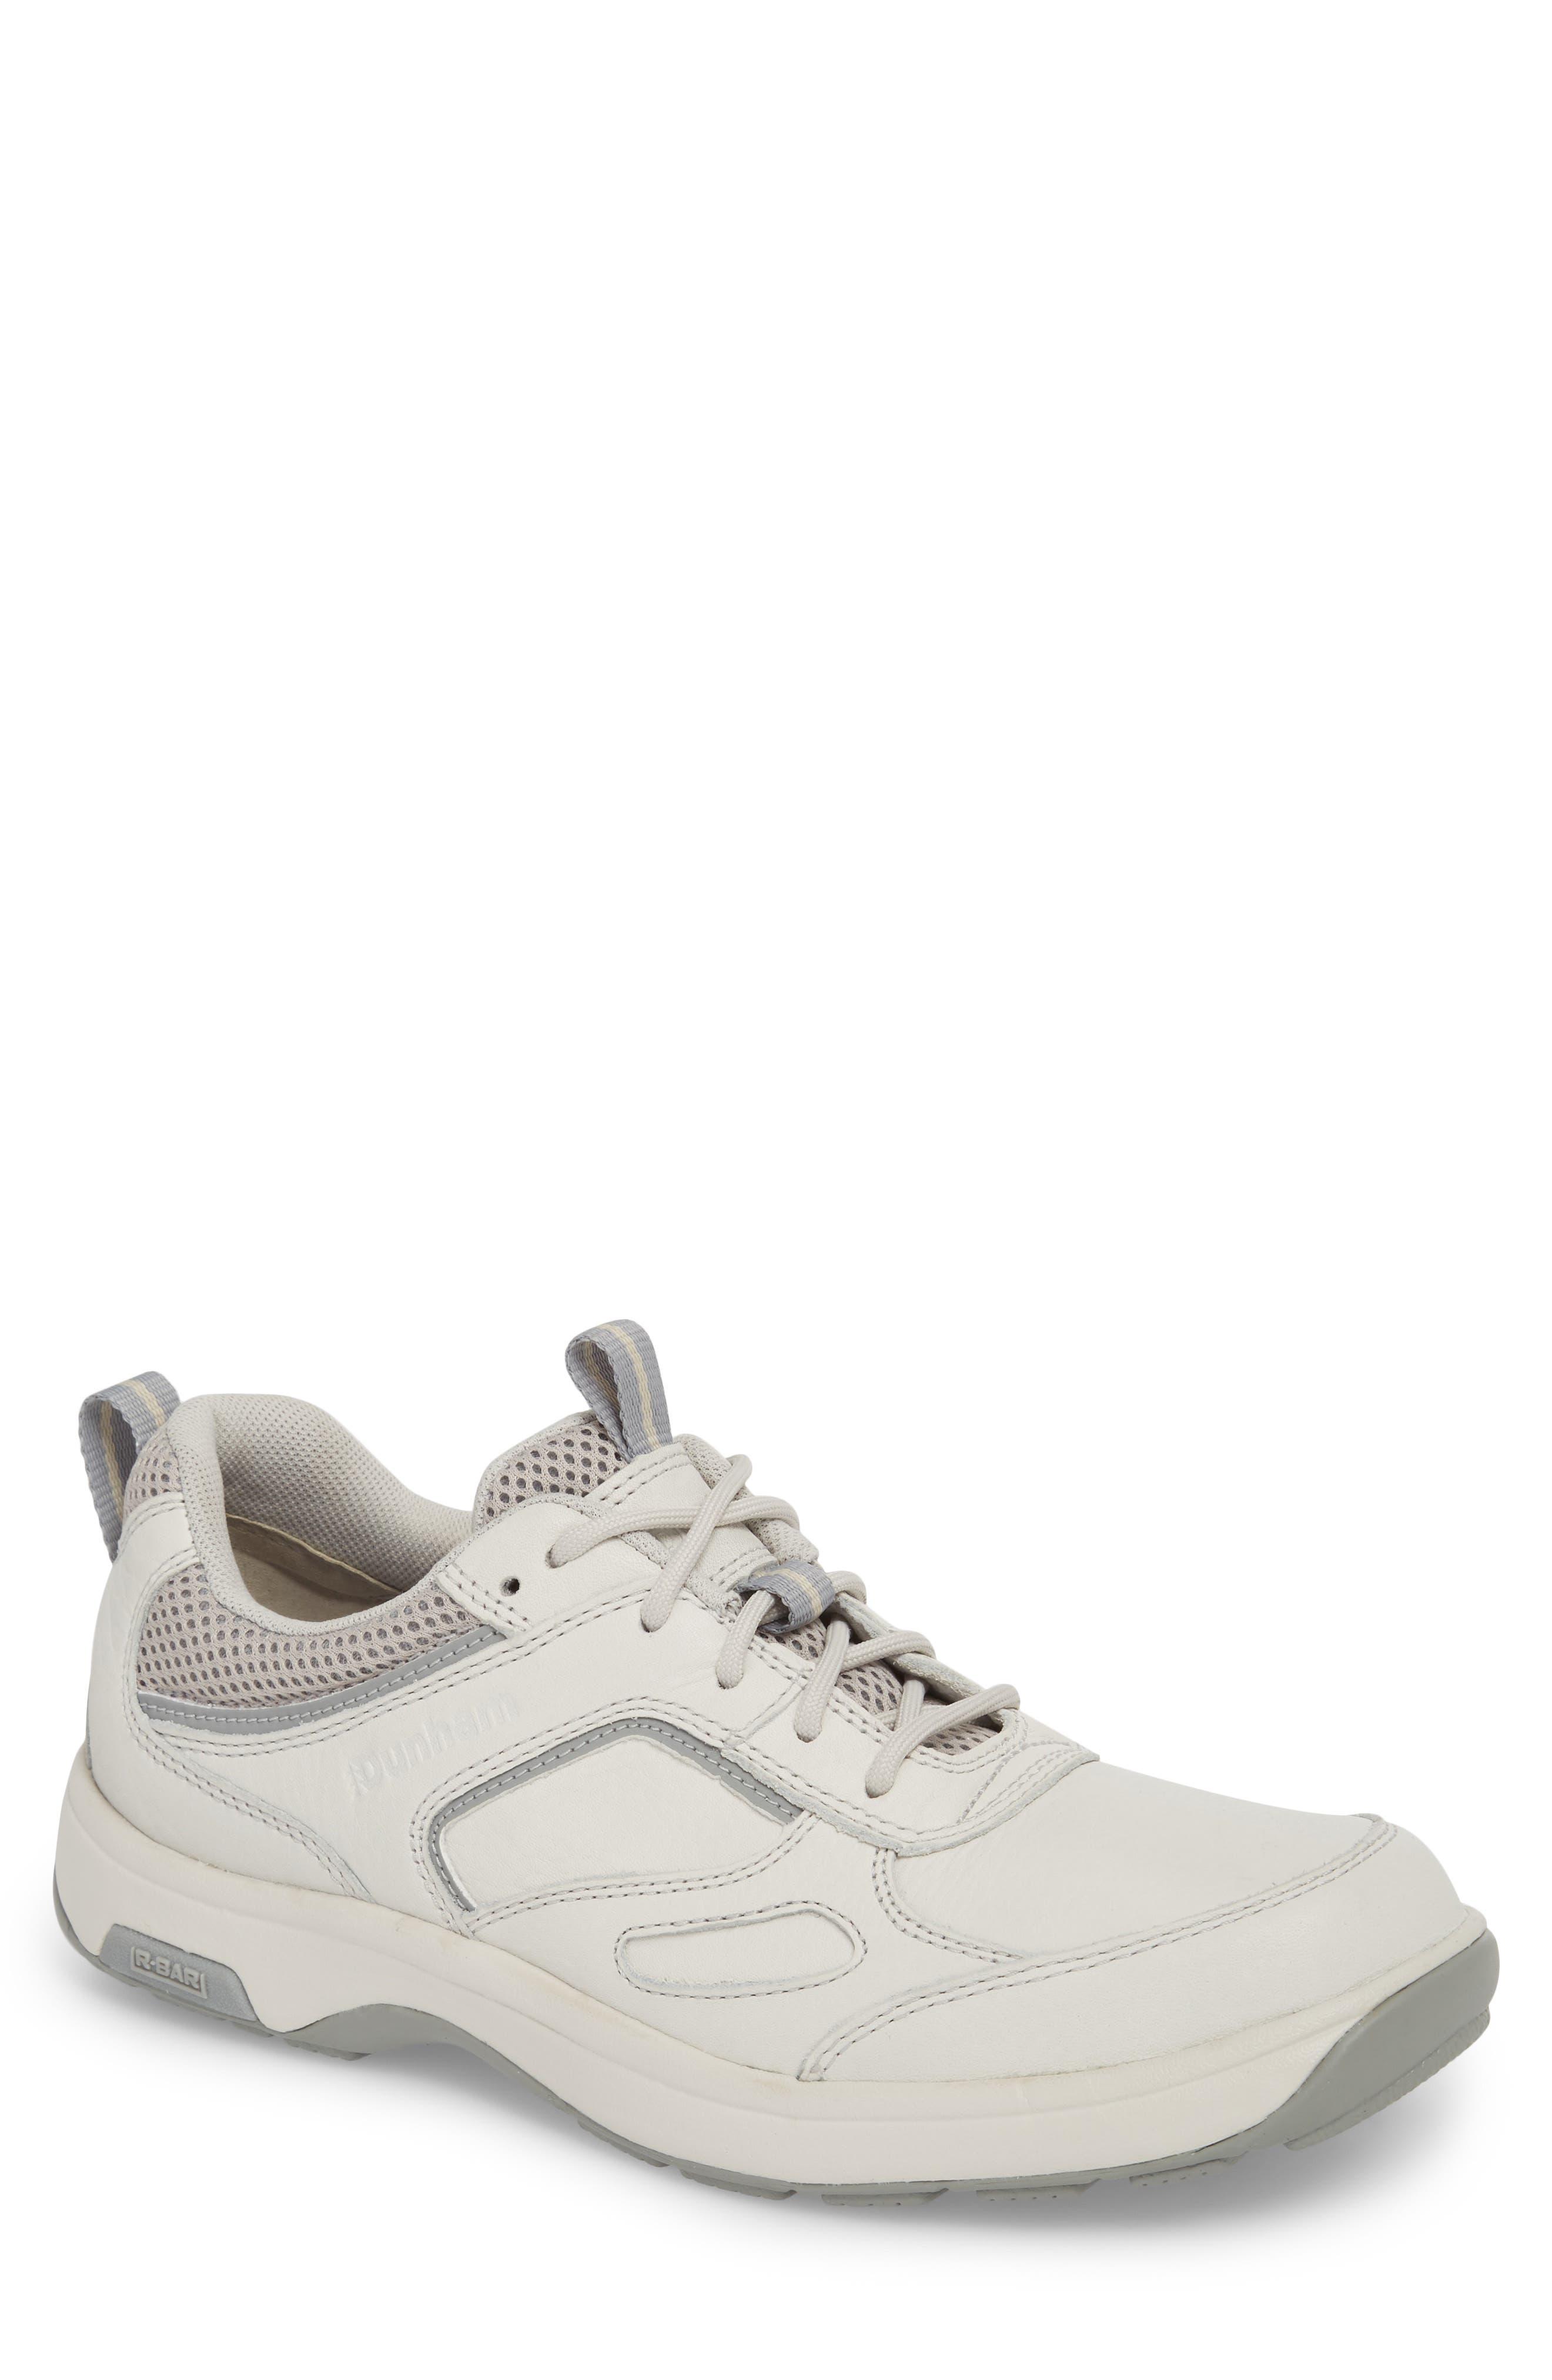 Dunham 8000 Uball Sneaker, White